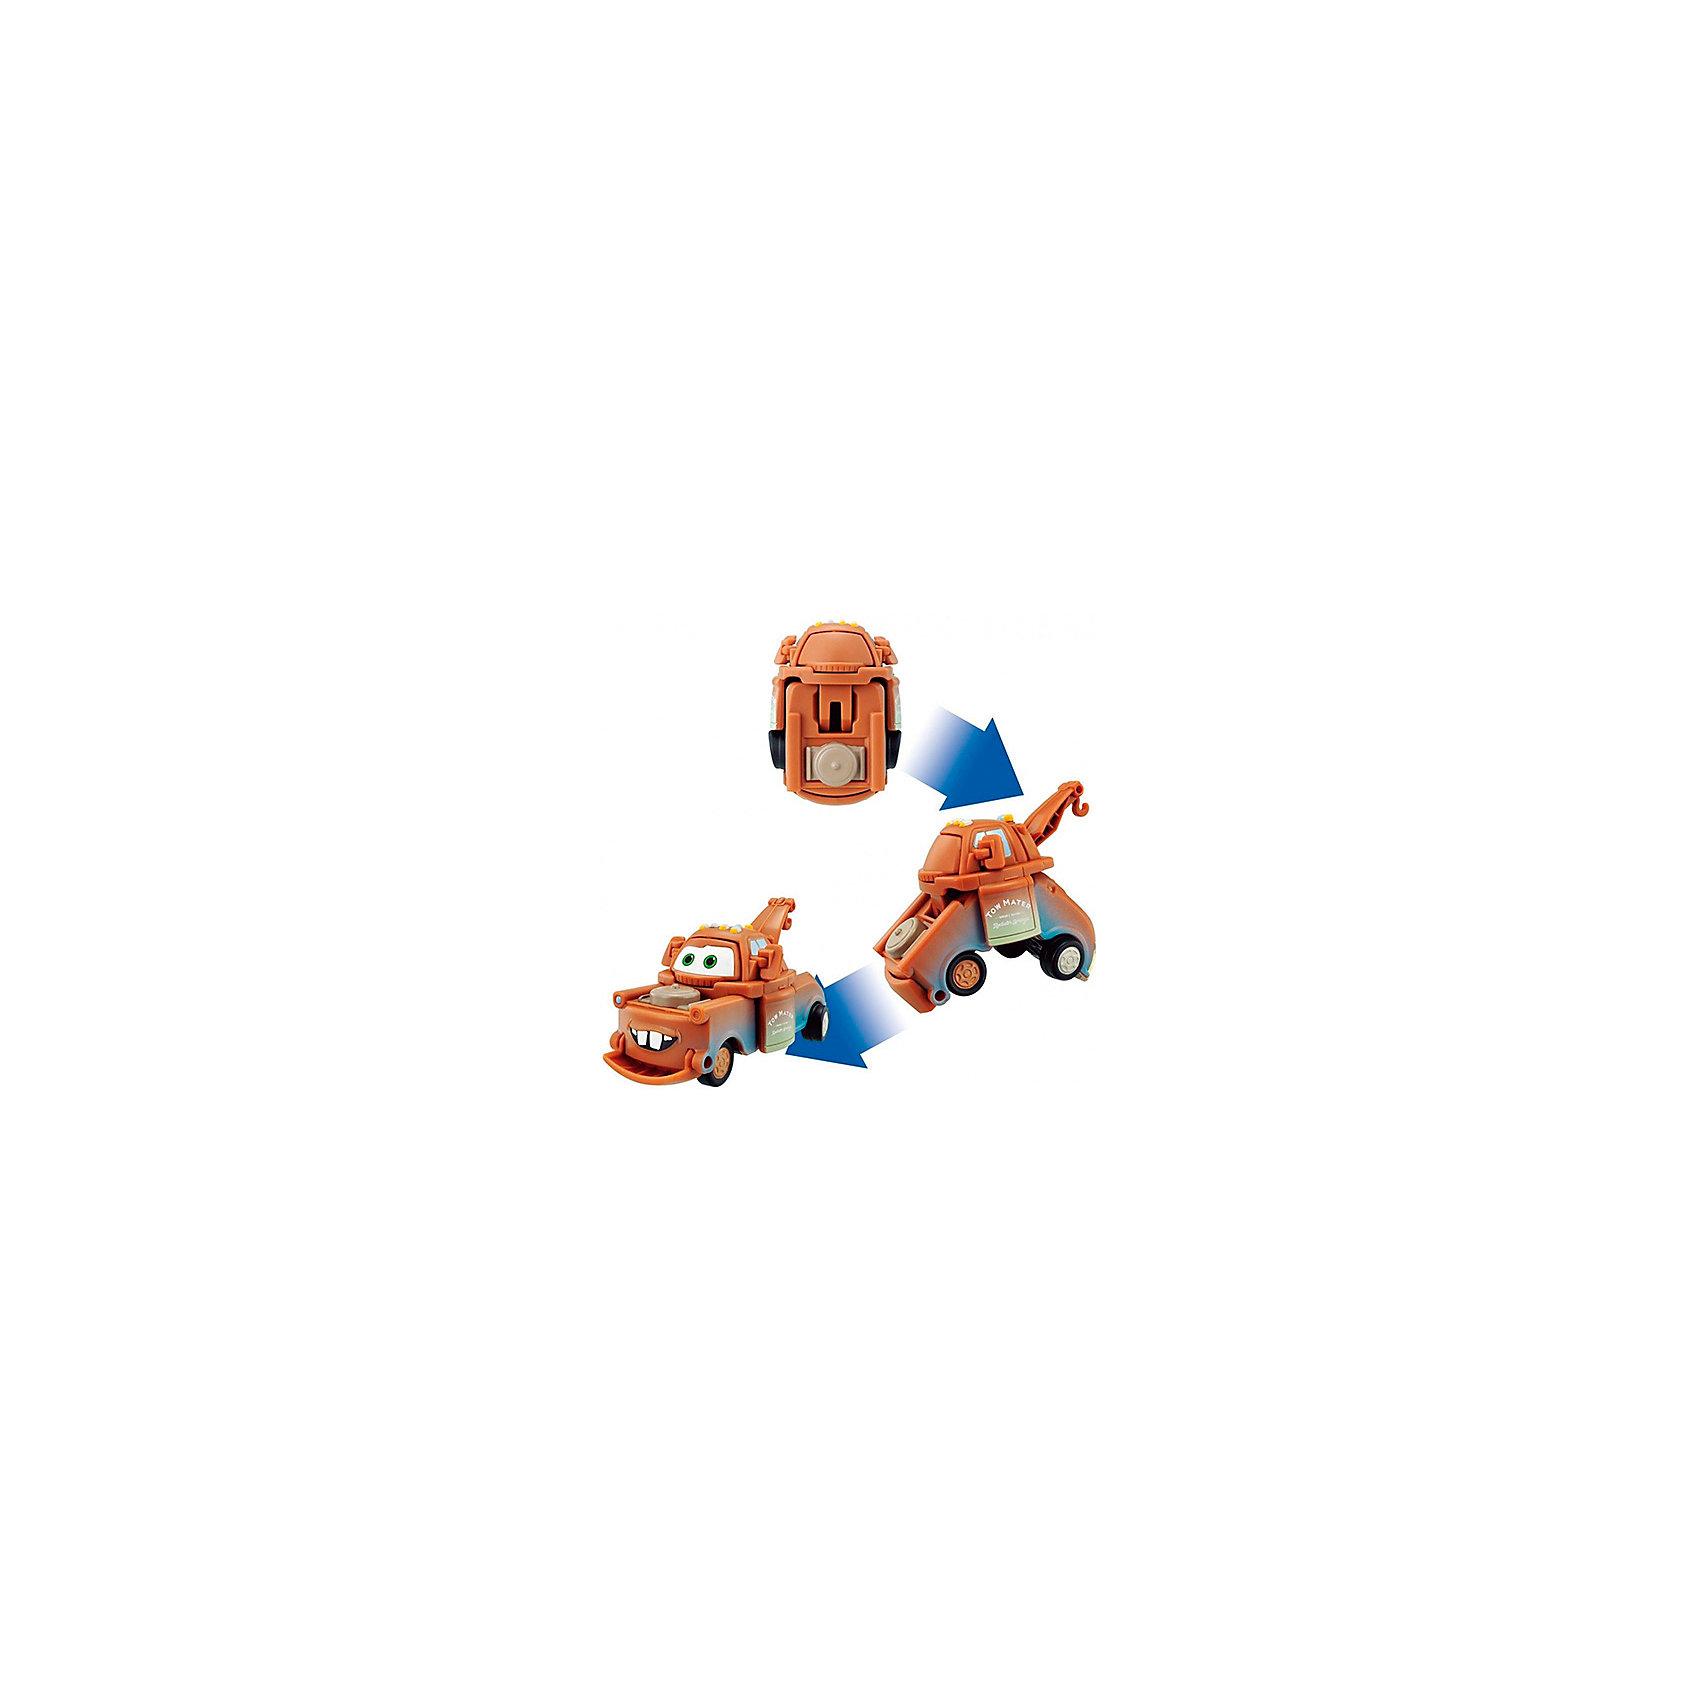 Яйцо-трансформер Мэтр, Тачки, EggStarsКоллекционные и игровые фигурки<br>EggStars - игрушка-трансформер, выполненная в виде яйца, которое превращается в одного из популярных героев мультфильма Тачки. Всего несколько движений, и пластиковое яйцо превратится в веселого Мэтра! <br><br>Дополнительная информация:<br><br>- Материал: пластик.<br>- Размер в разобранном состоянии: 5х8х17 см.<br><br>Яйцо-трансформер Мэтр, Тачки, EggStars (Эгг Старс), можно купить в нашем магазине.<br><br>Ширина мм: 80<br>Глубина мм: 170<br>Высота мм: 60<br>Вес г: 73<br>Возраст от месяцев: 36<br>Возраст до месяцев: 168<br>Пол: Мужской<br>Возраст: Детский<br>SKU: 4251480